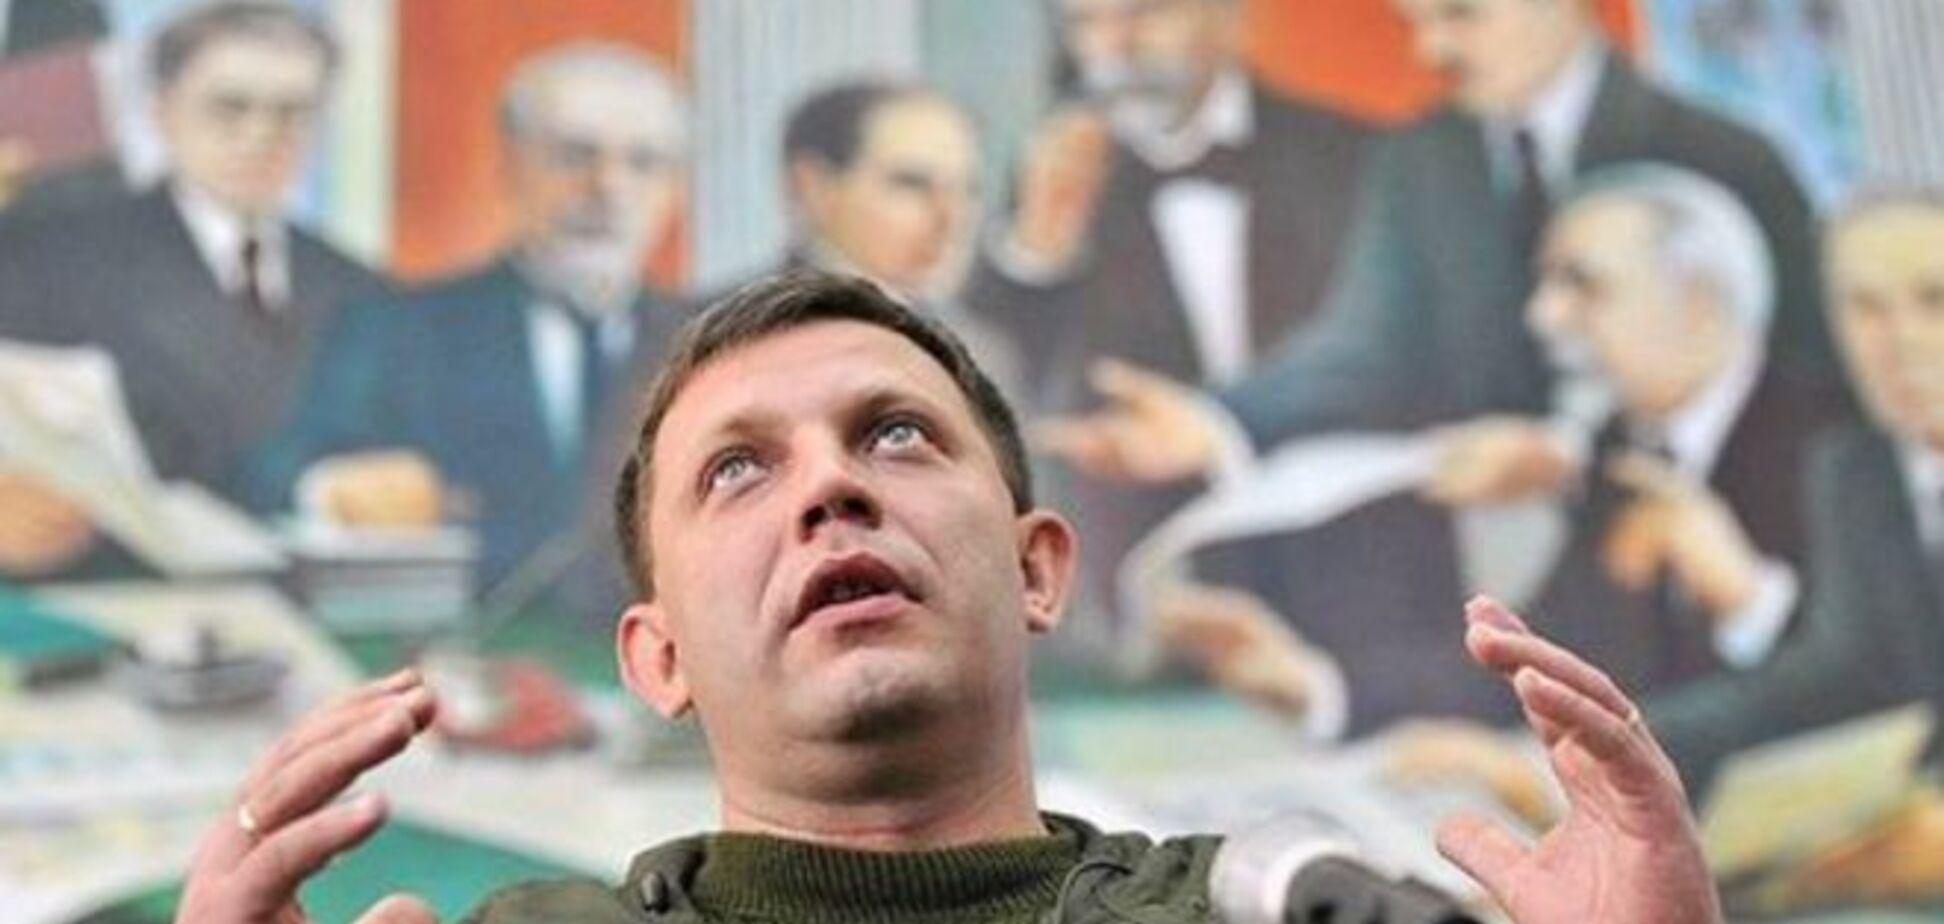 Бизнесмен из Донецка рассказал, как в 'ДНР' обходят финансовую блокаду Украины